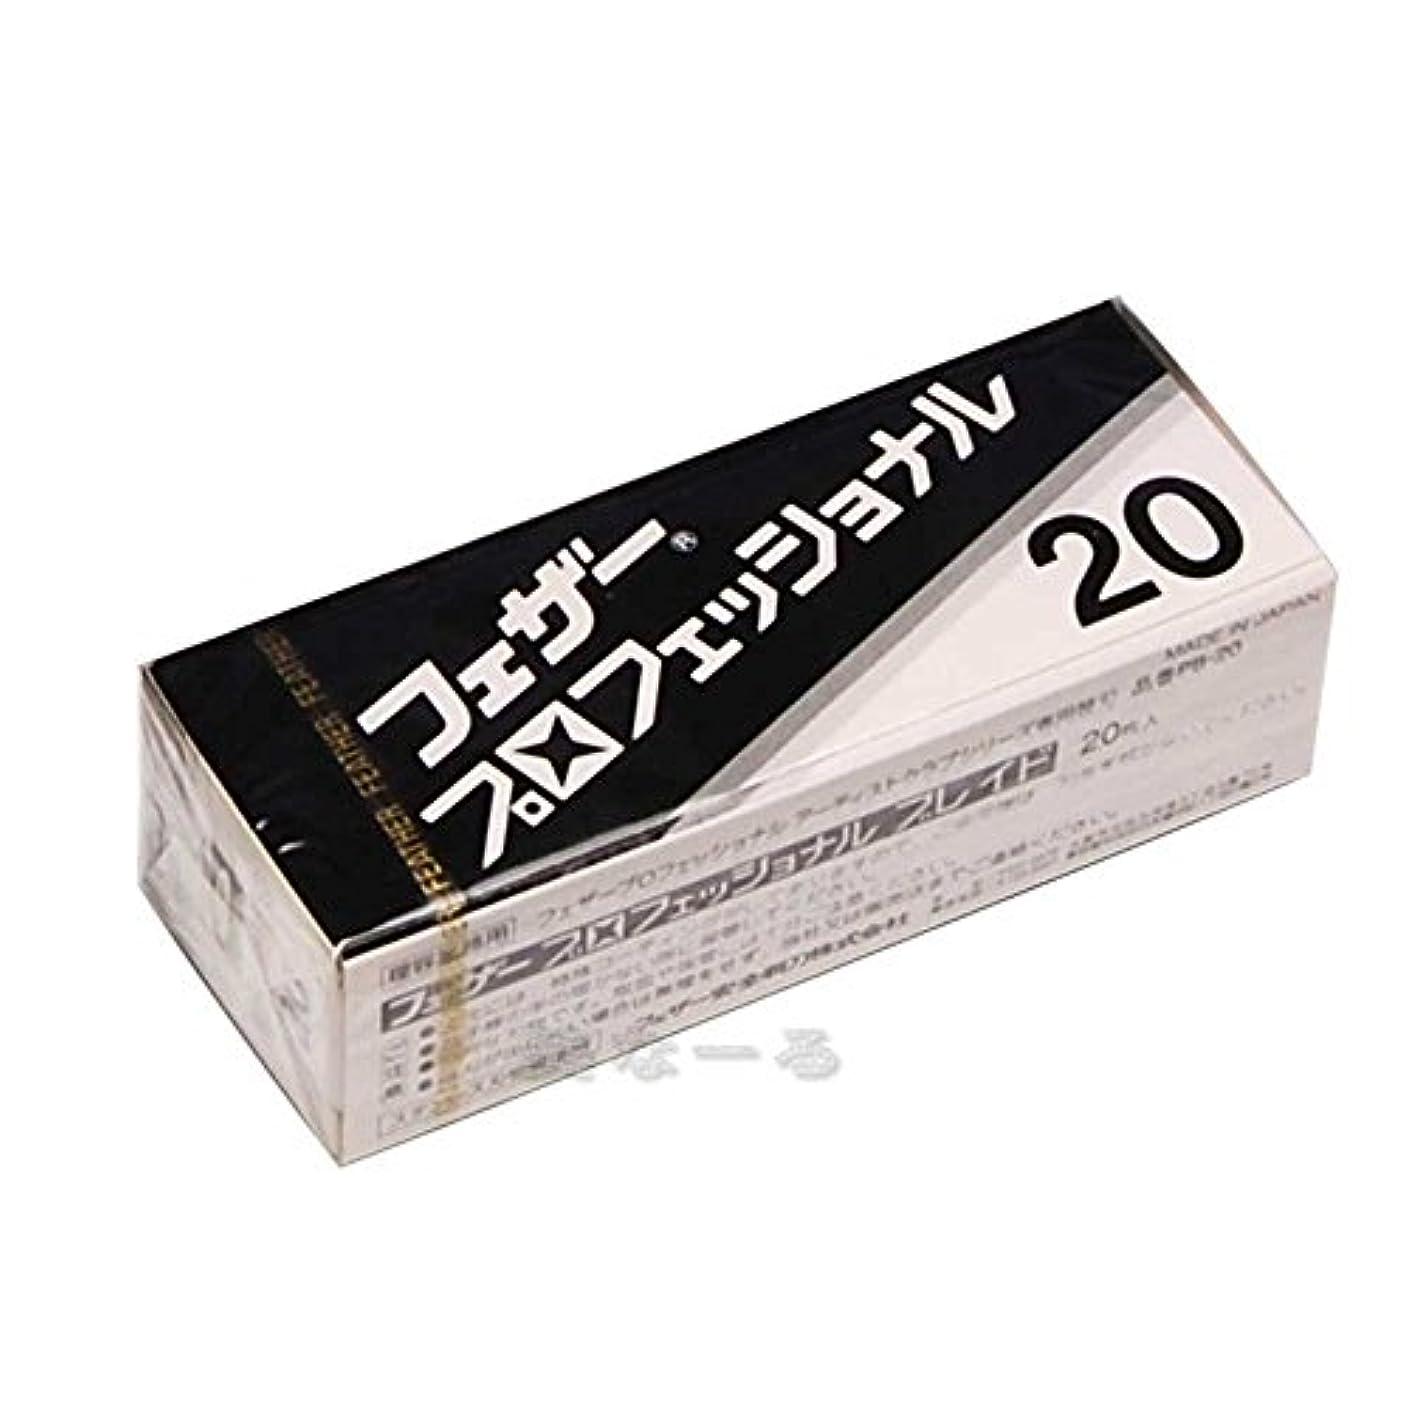 ミント批判同僚フェザー プロフェッショナル ブレイド PB-20 替刃 20枚入